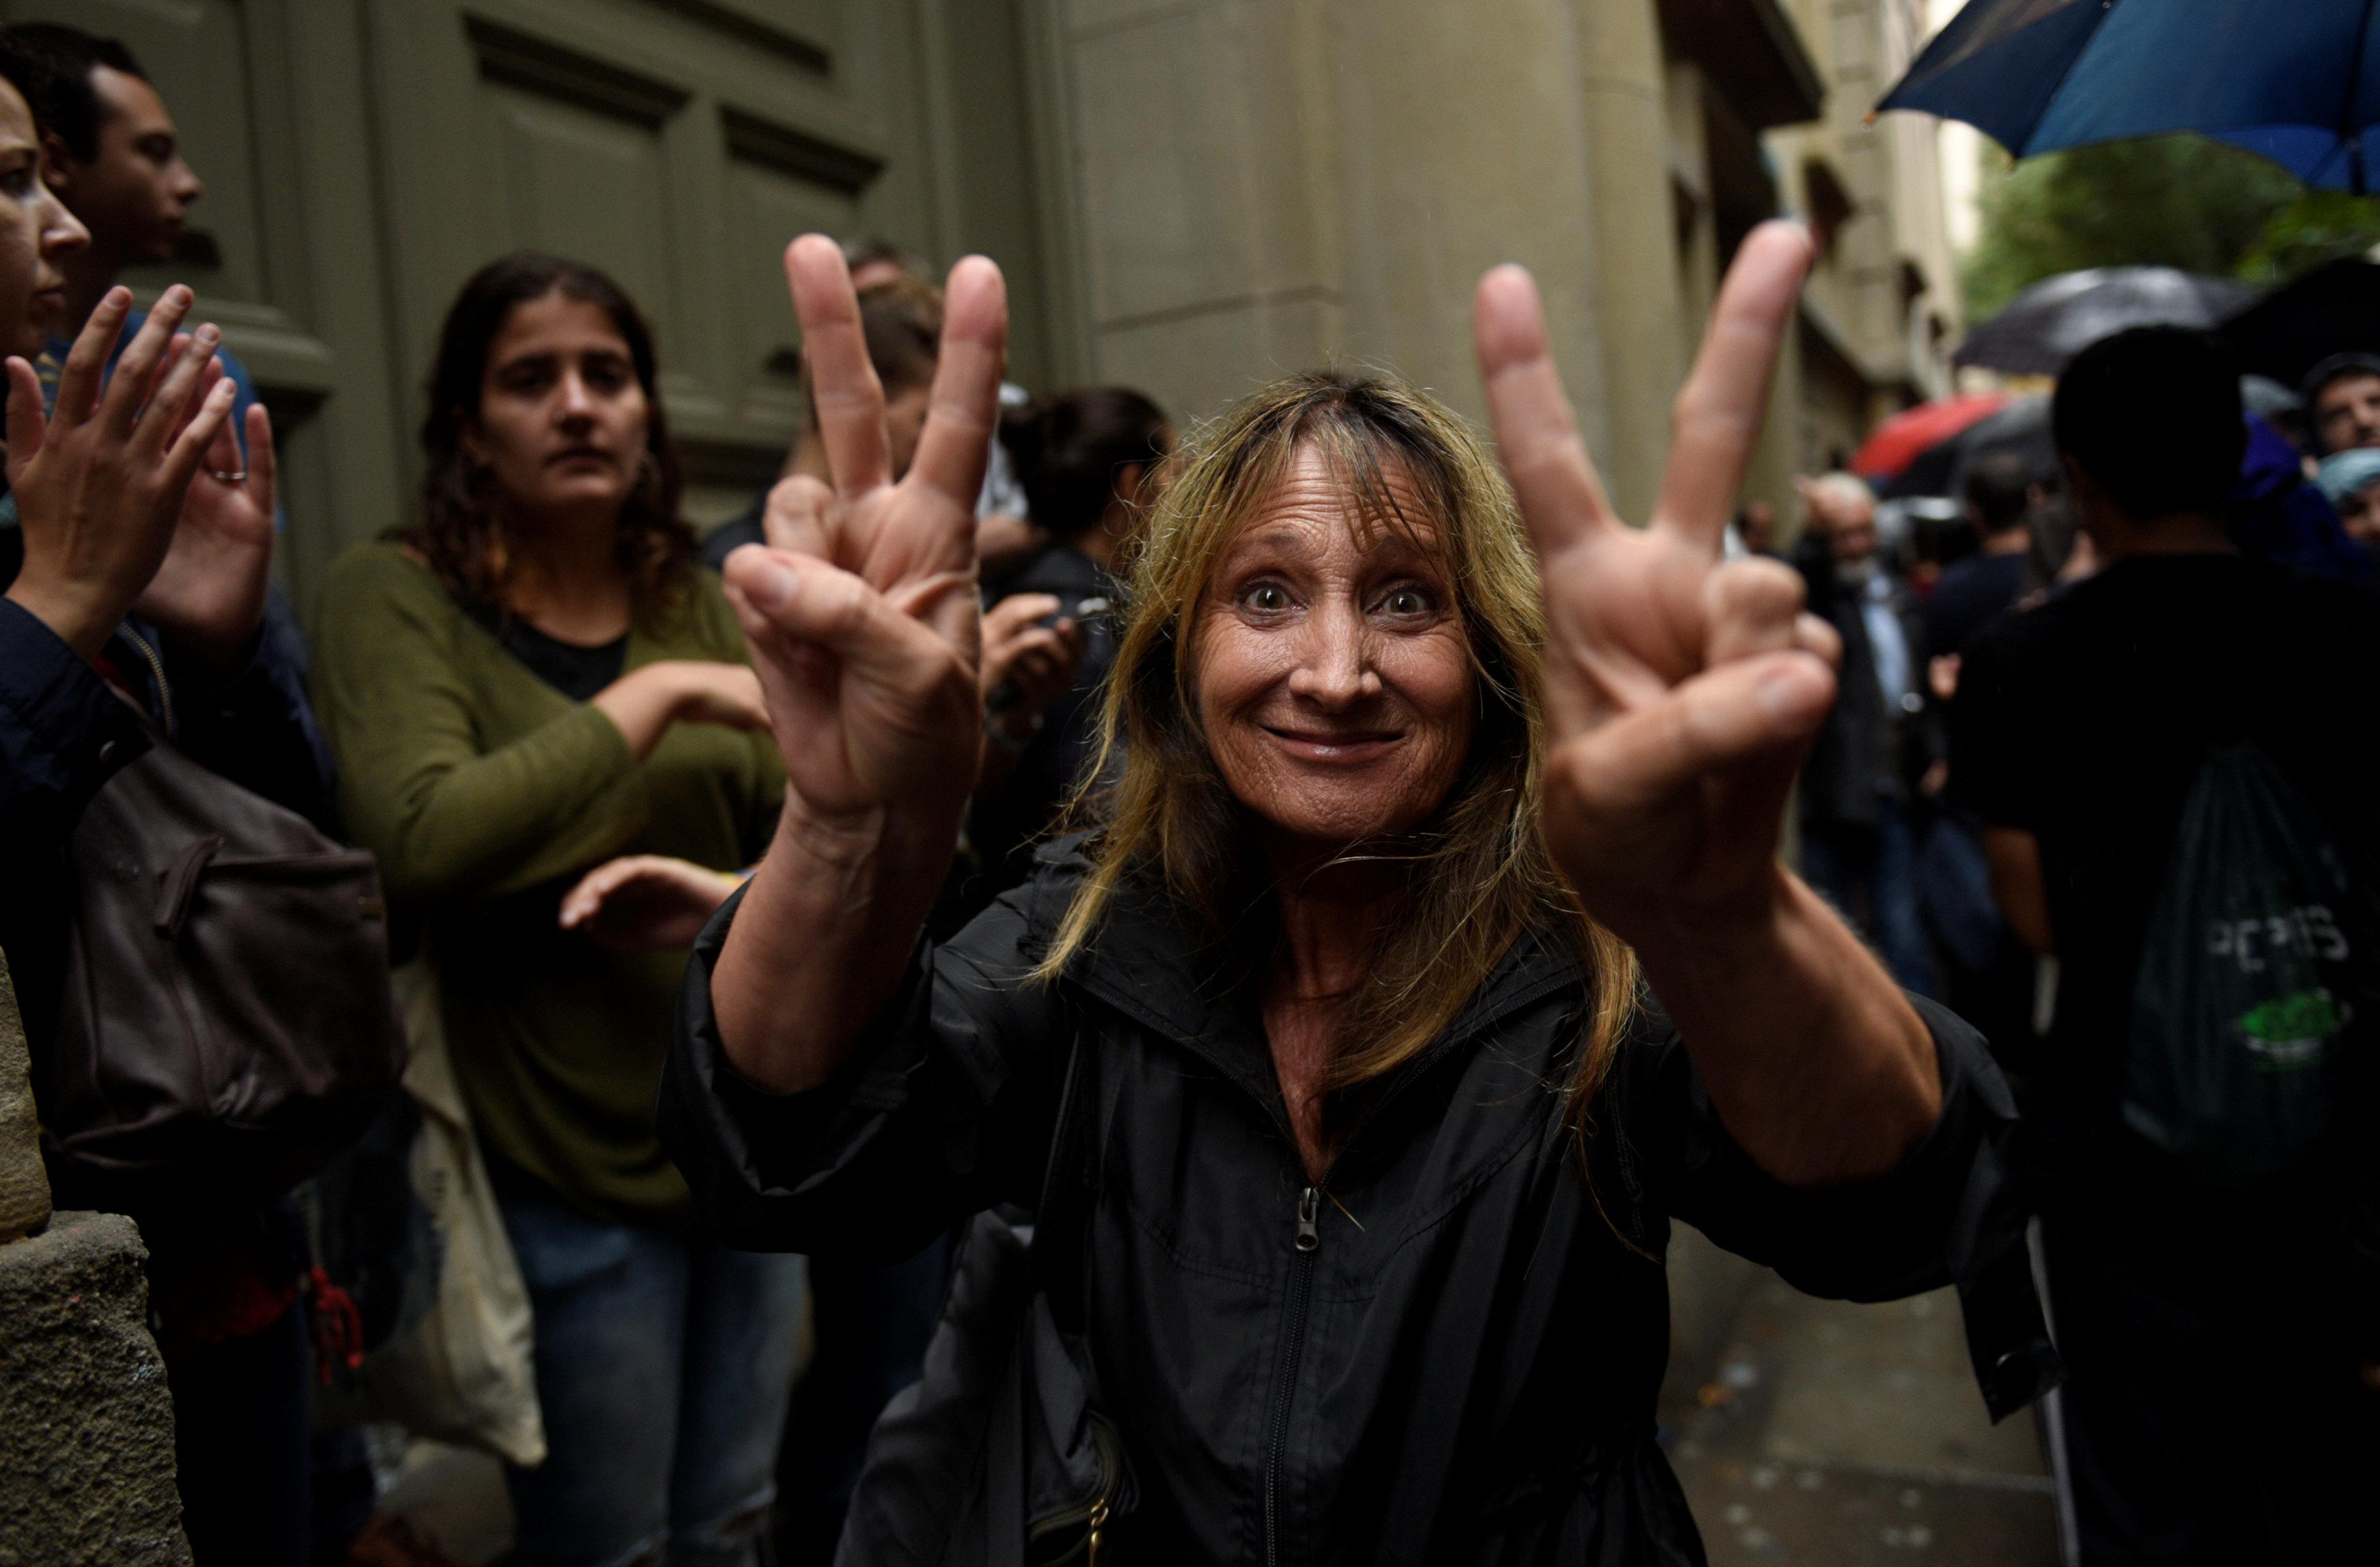 بماذا اتهمت مدريد شرطة كتالونيا بعد فشلها في منع التصويت؟